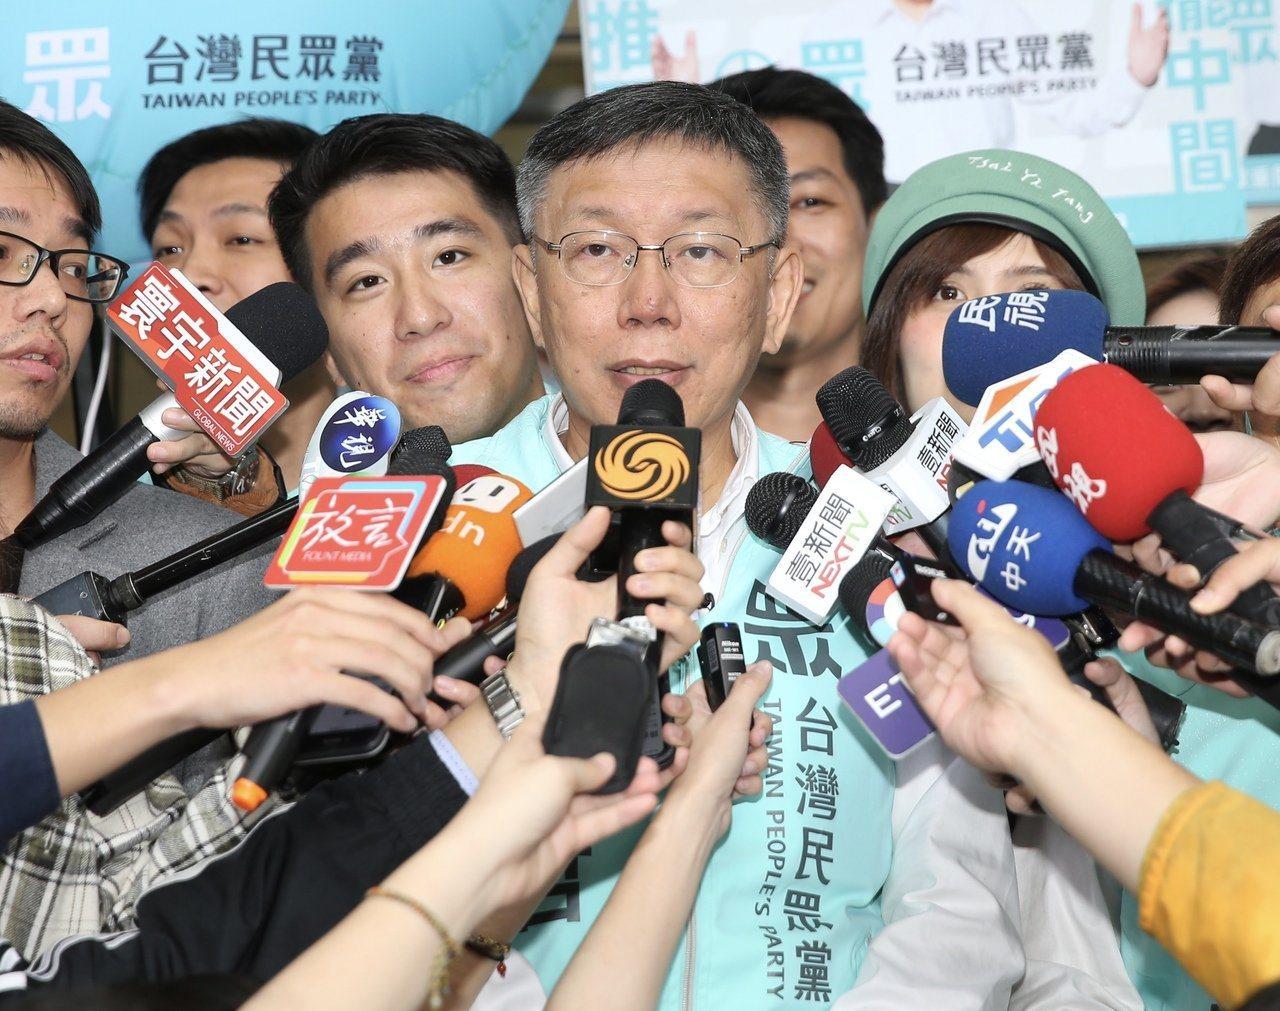 台北市長柯文哲(中)認為,大選現在進入籃球垃圾時間,勝負已定。 記者許正宏/攝影